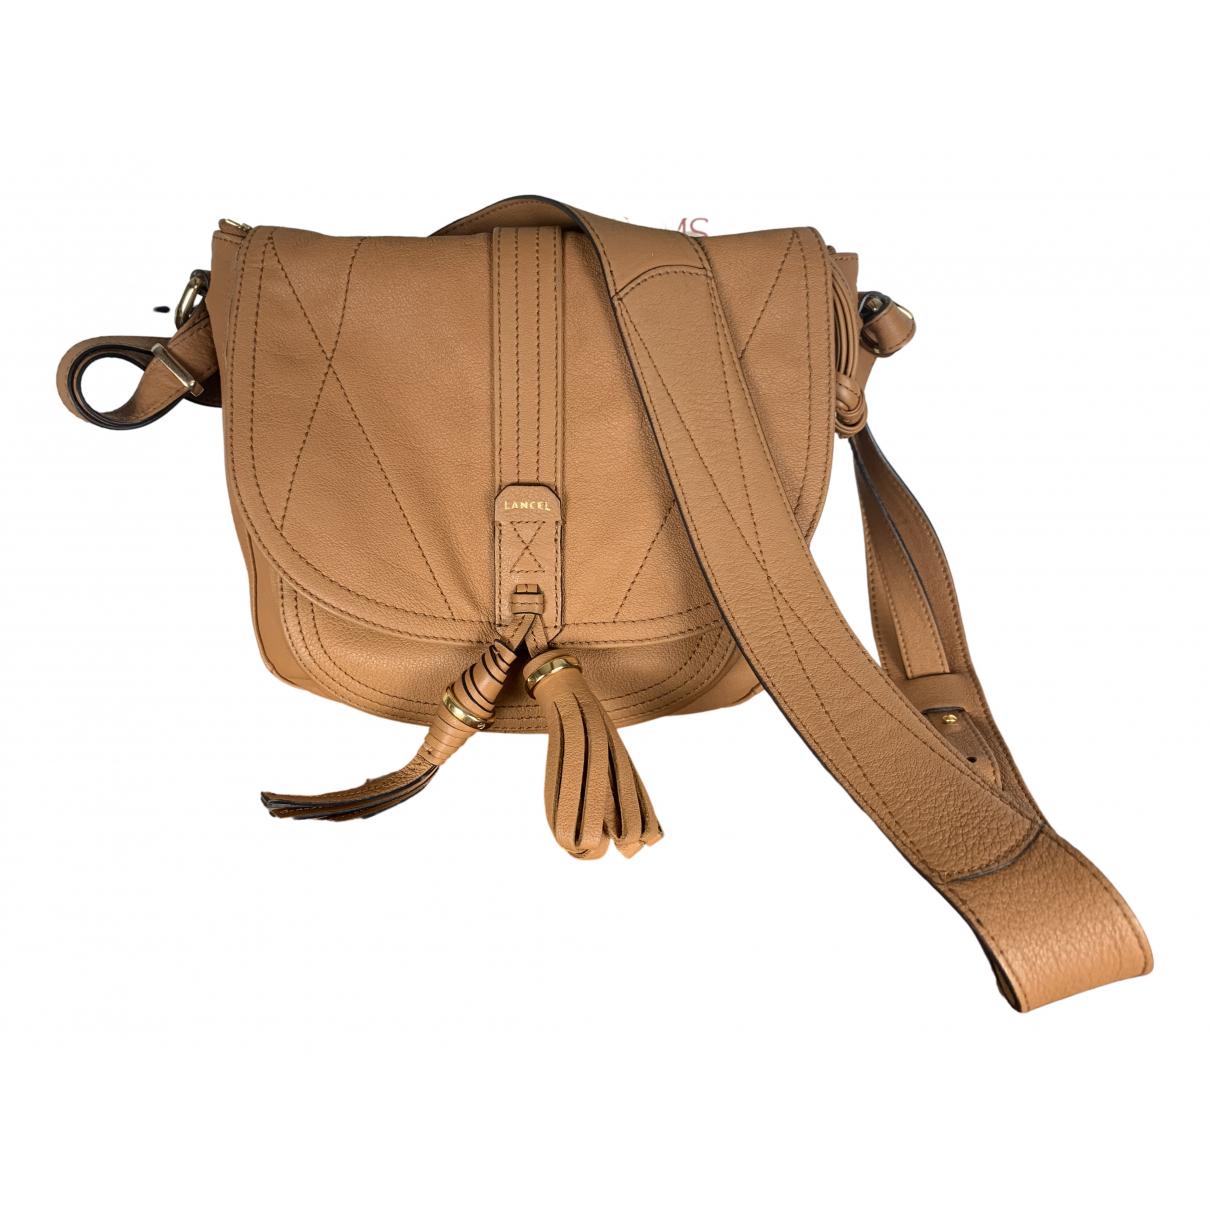 Lancel - Sac a main   pour femme en cuir - marron